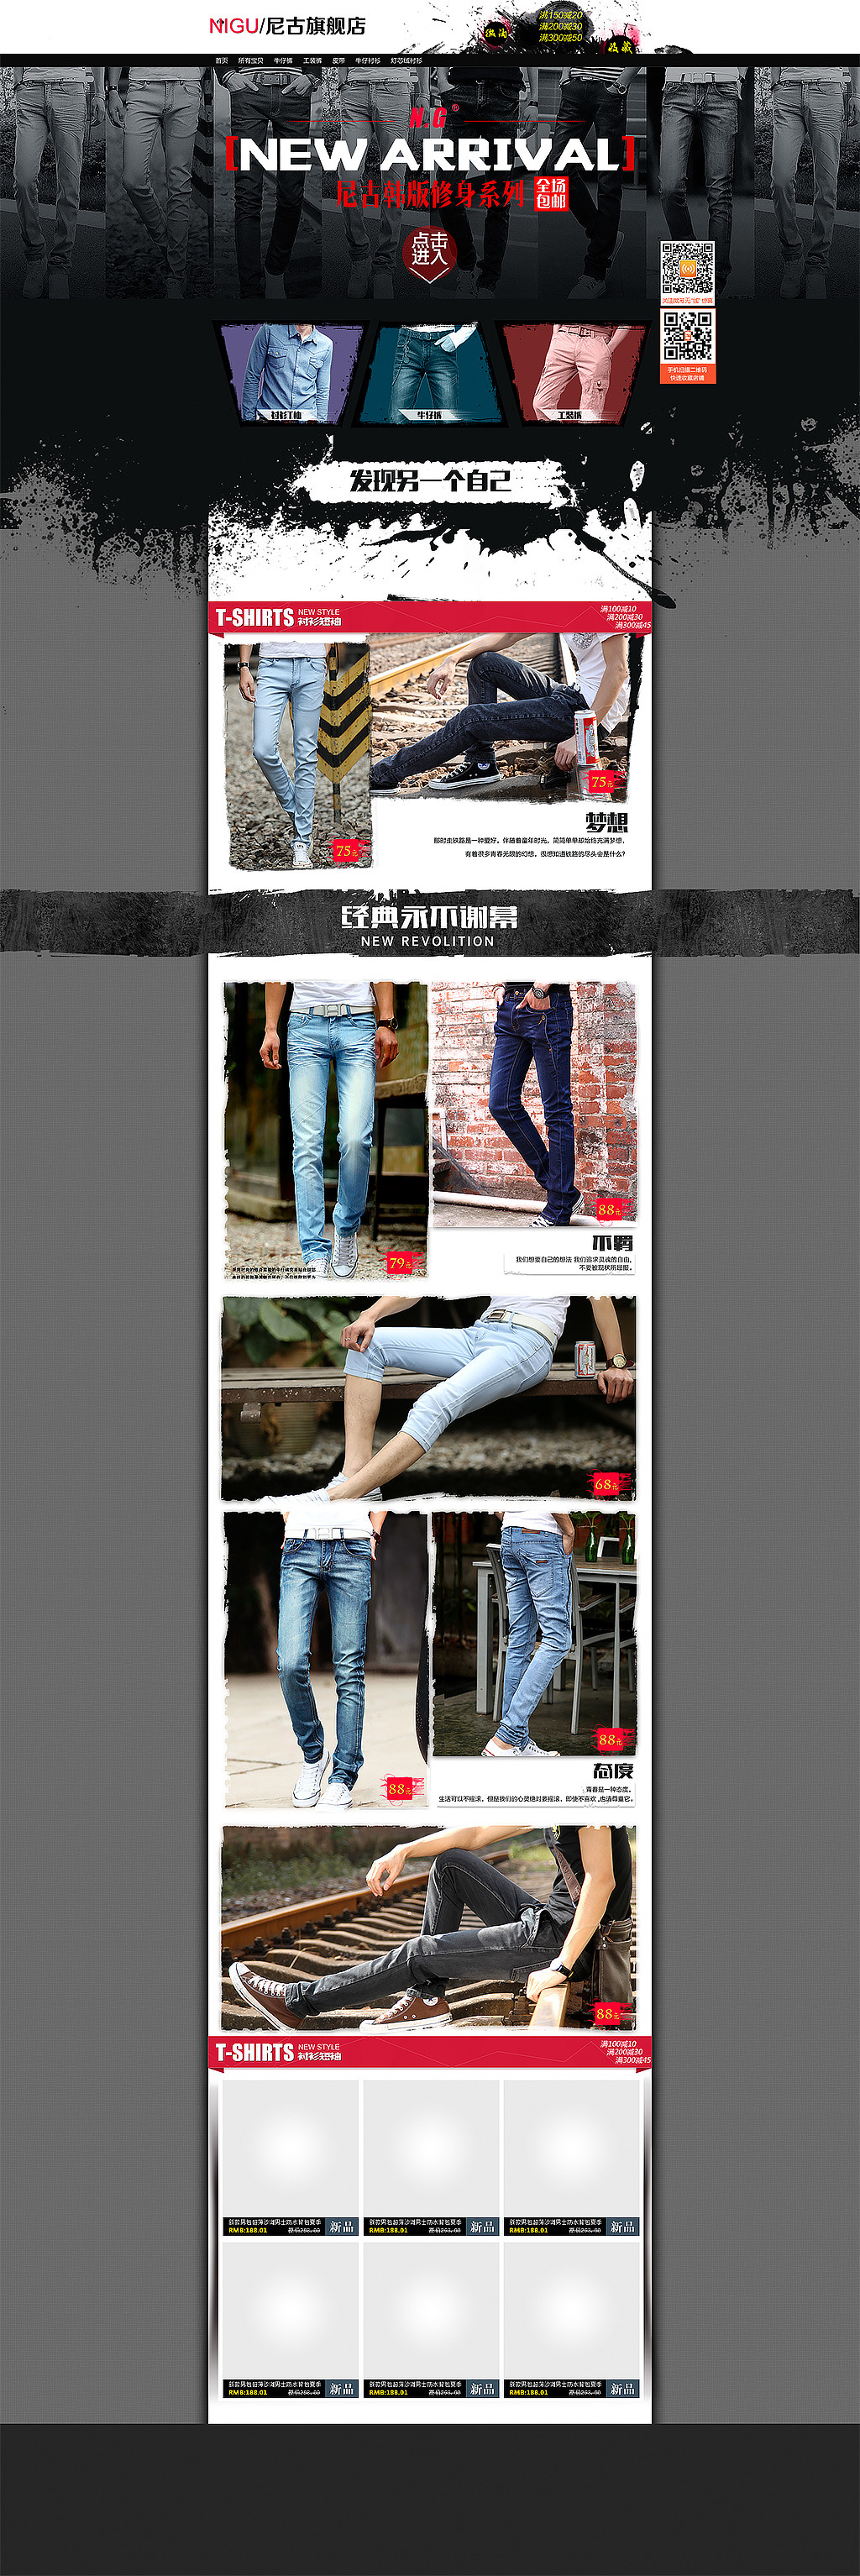 时尚潮流服装首页店铺装修psd模版设计模板下载(图片